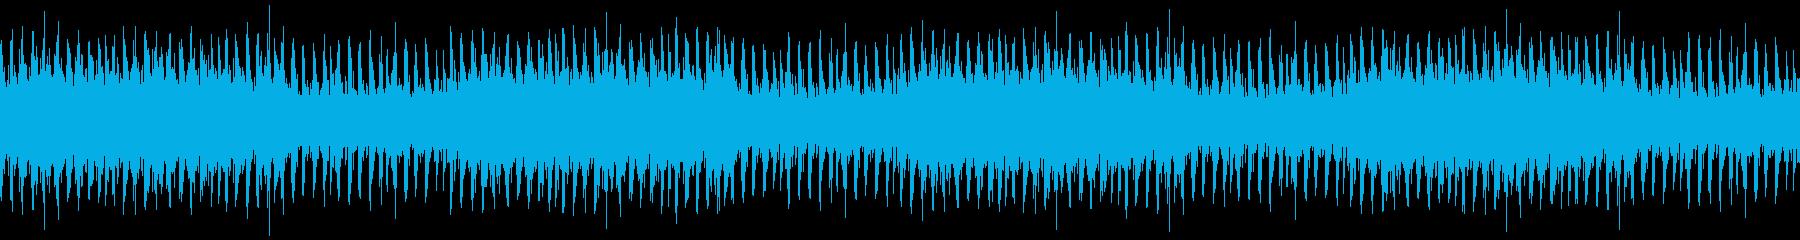 バトルオーケストラの再生済みの波形